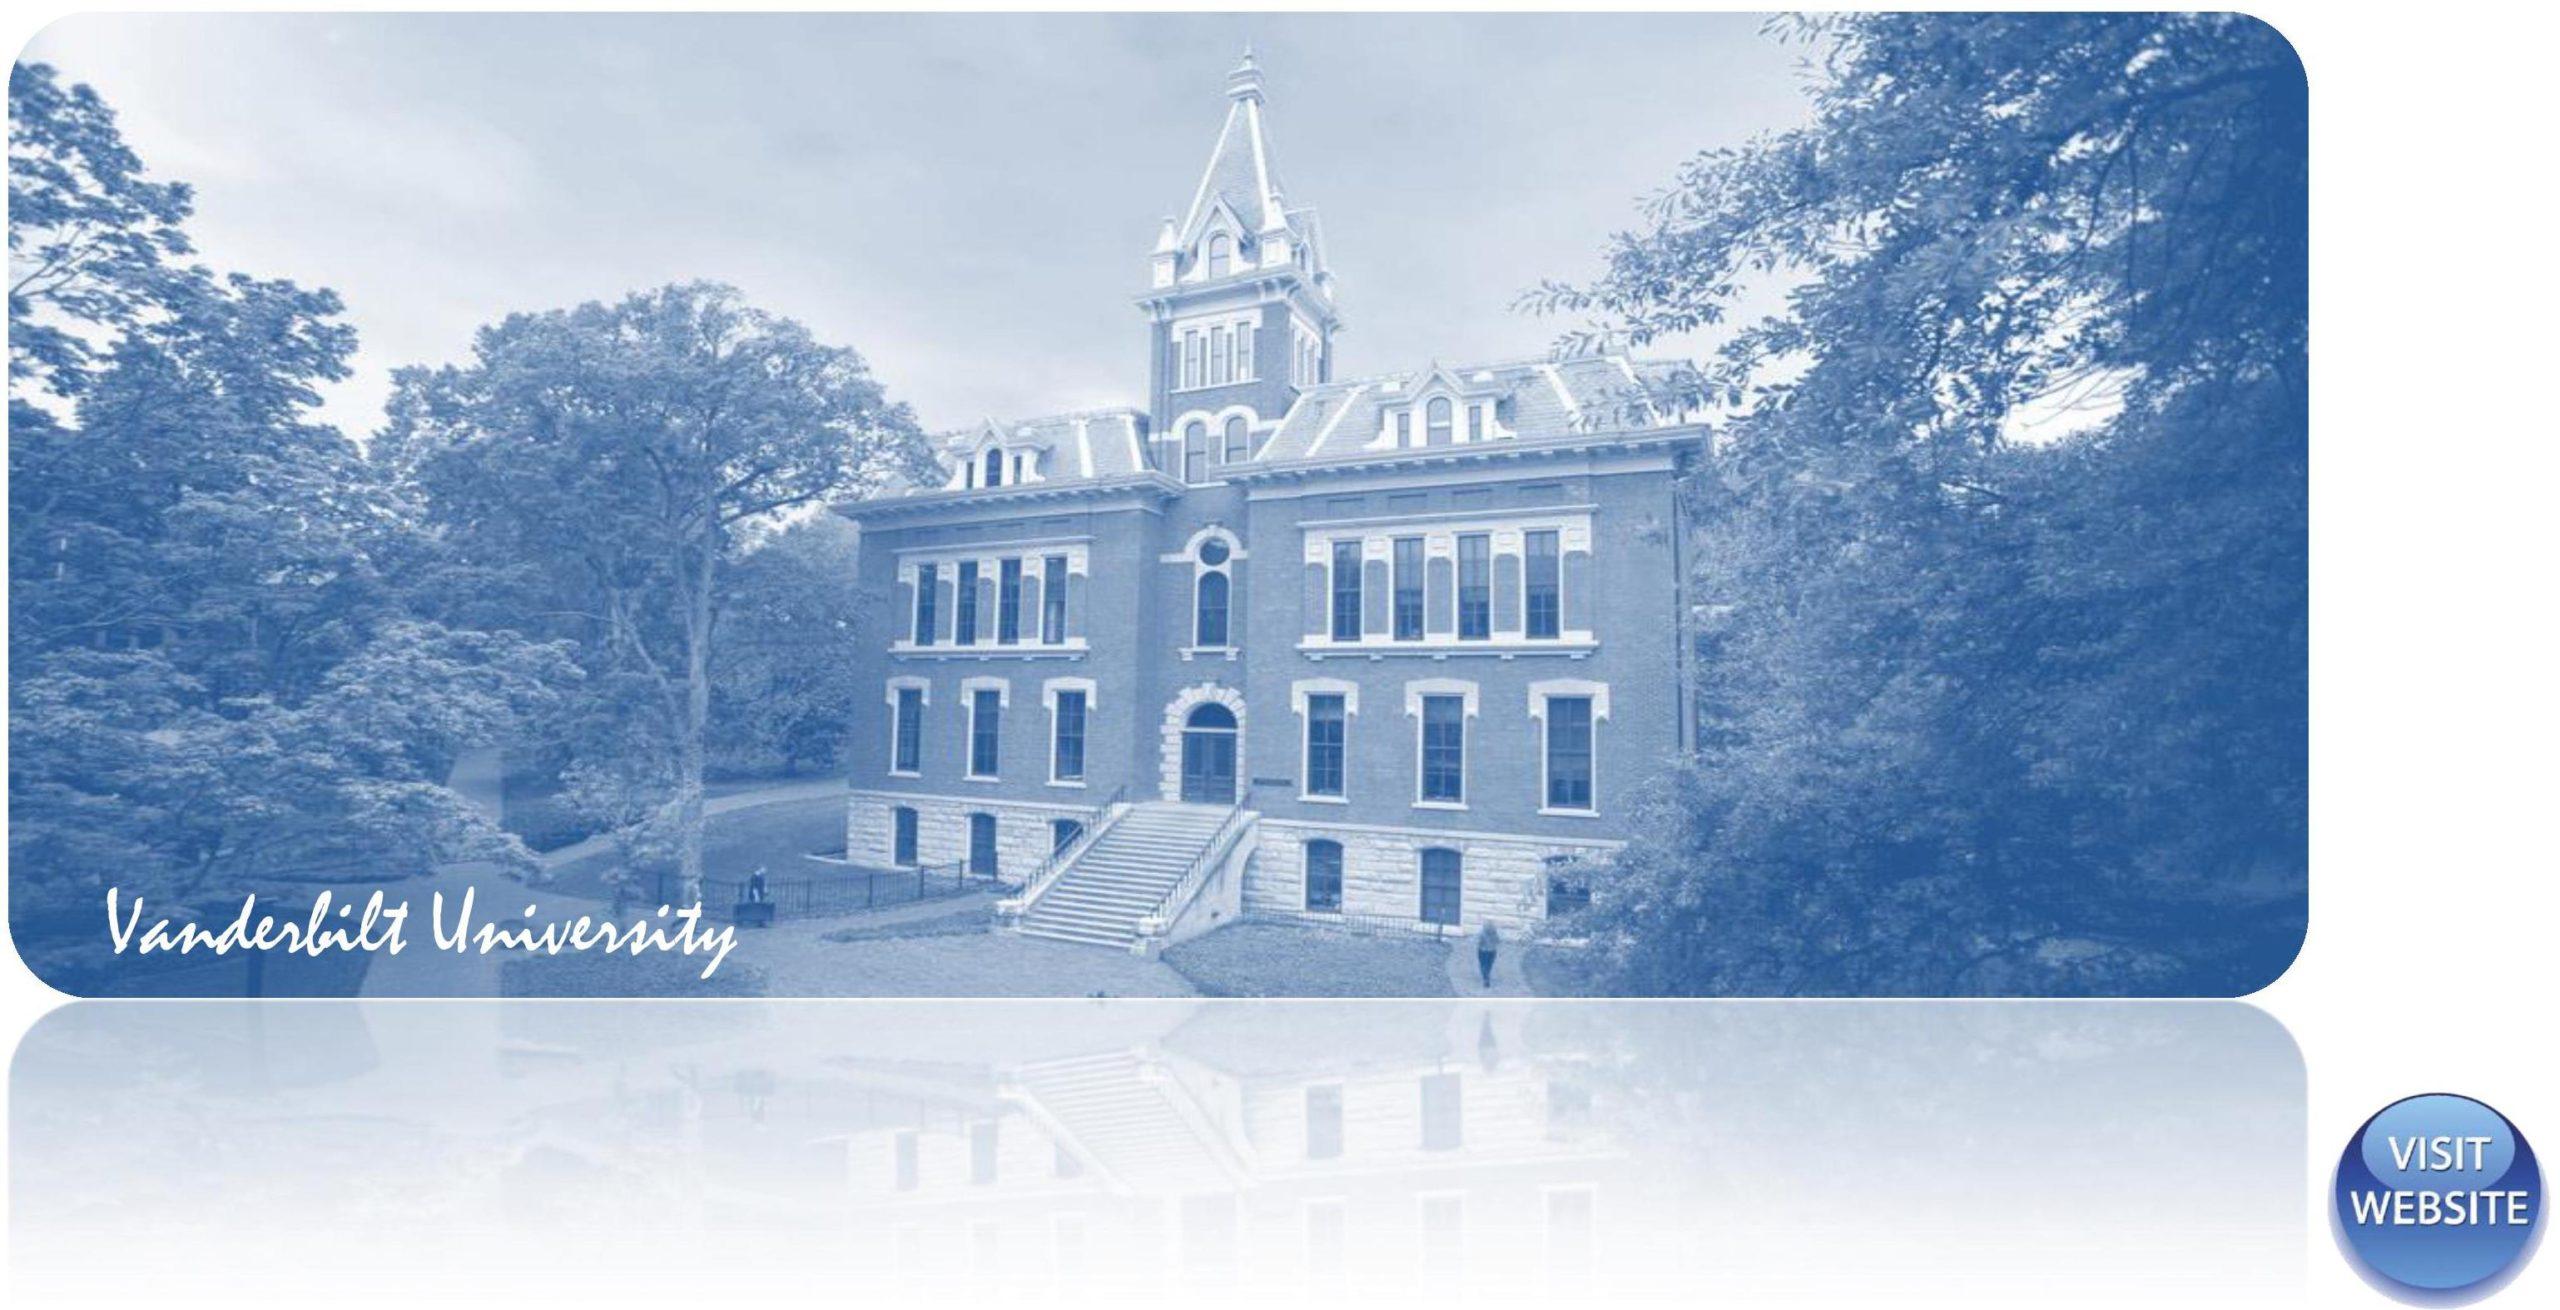 Vanderbilt University USA